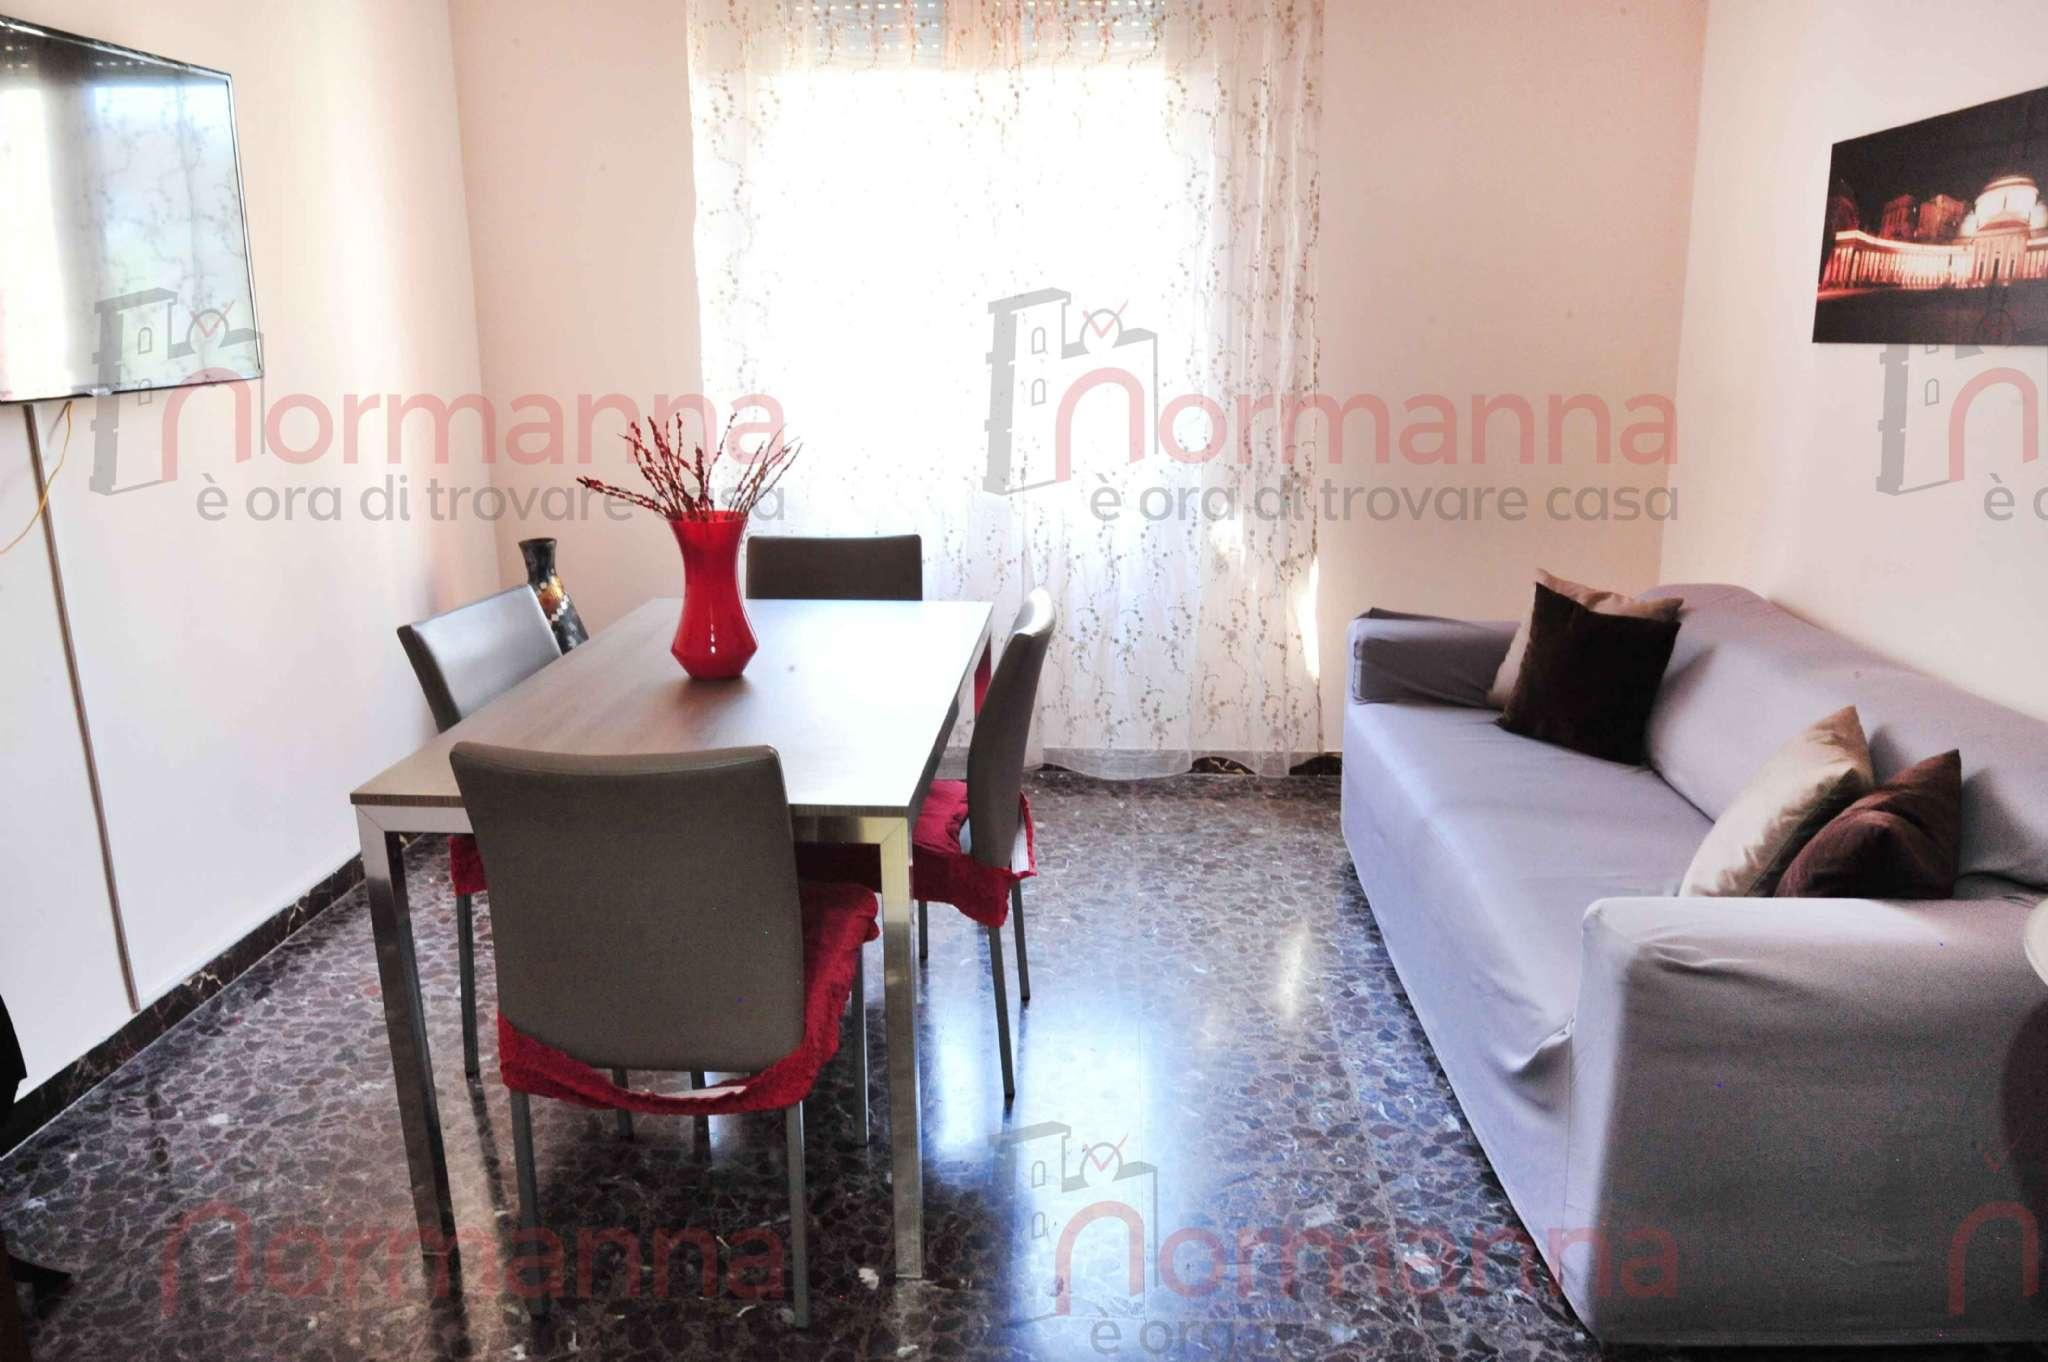 dc0c93cbb1e45 Appartamento in Vendita a Napoli Appartamento a Napoli in Vendita ...